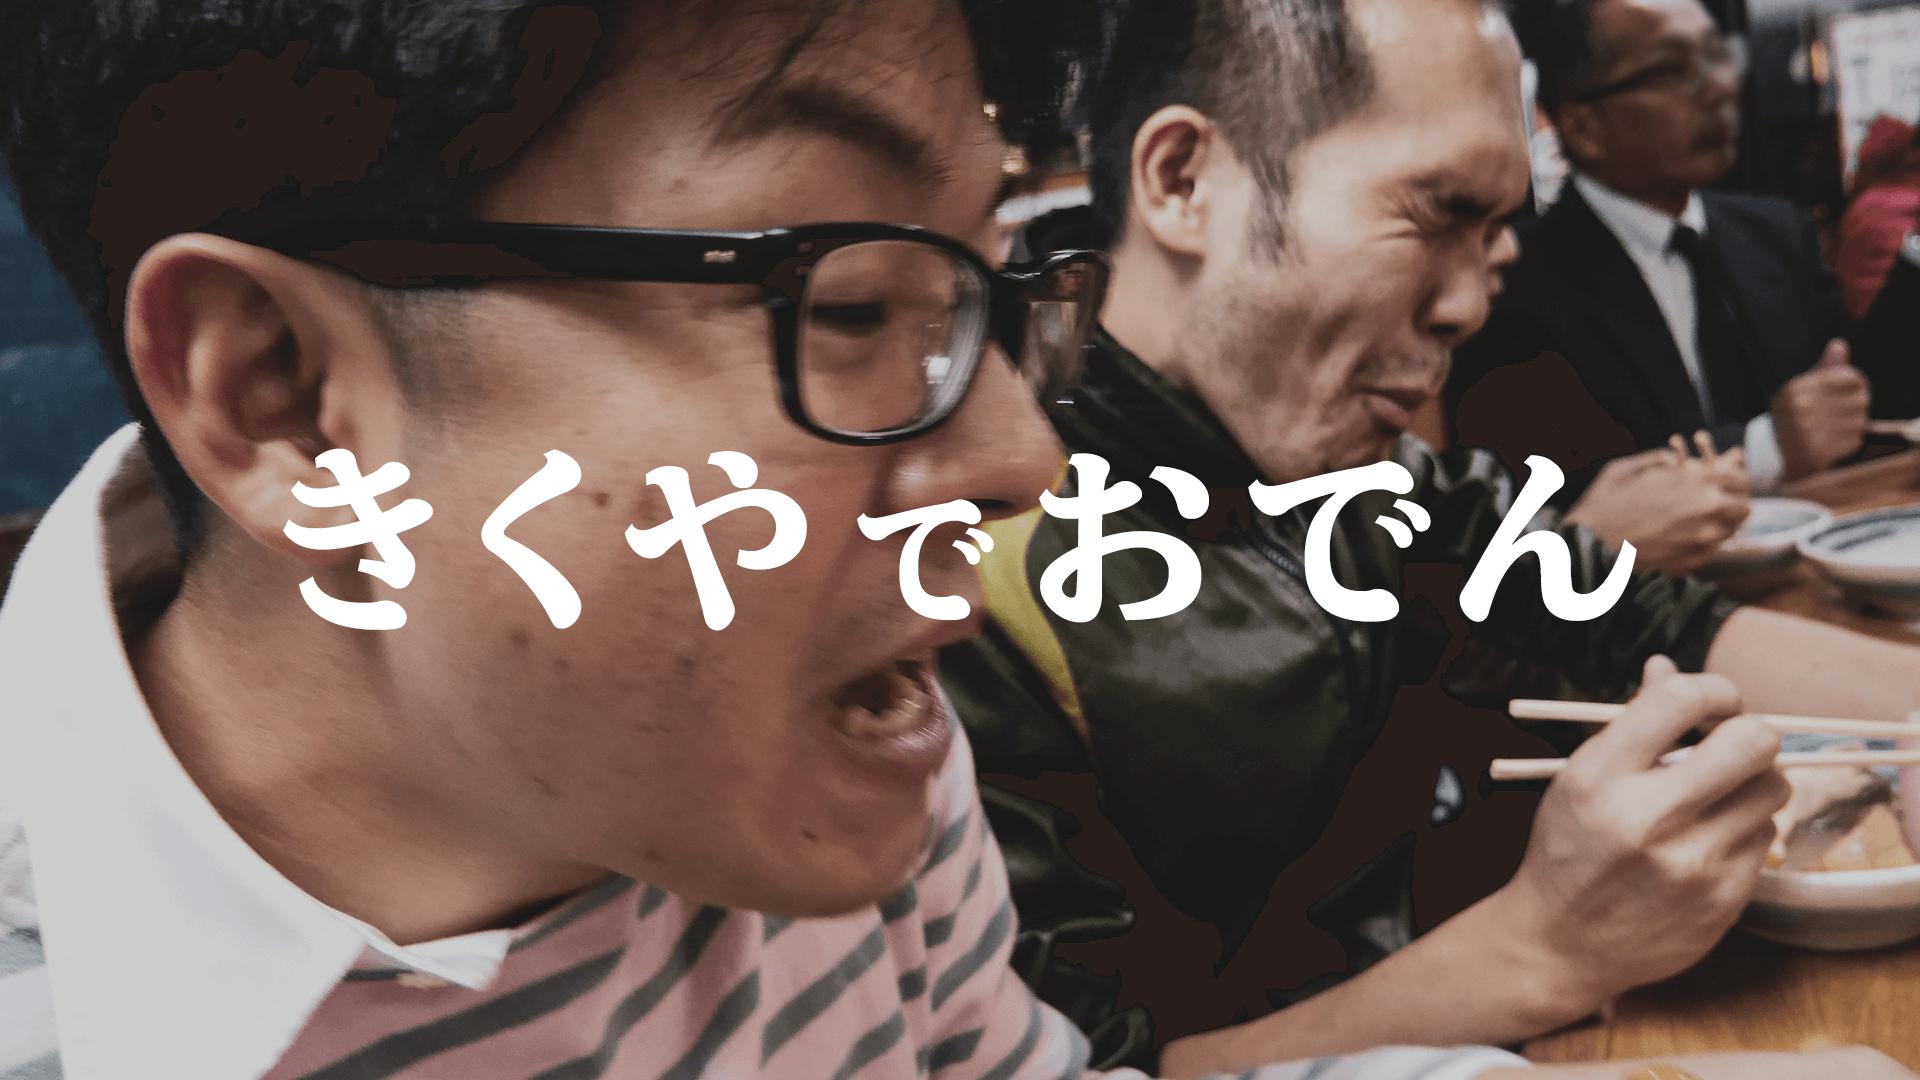 2018.11.19. 大阪玉造にあるおでんの人気店「きくや」で男3人ワイワイ食べる